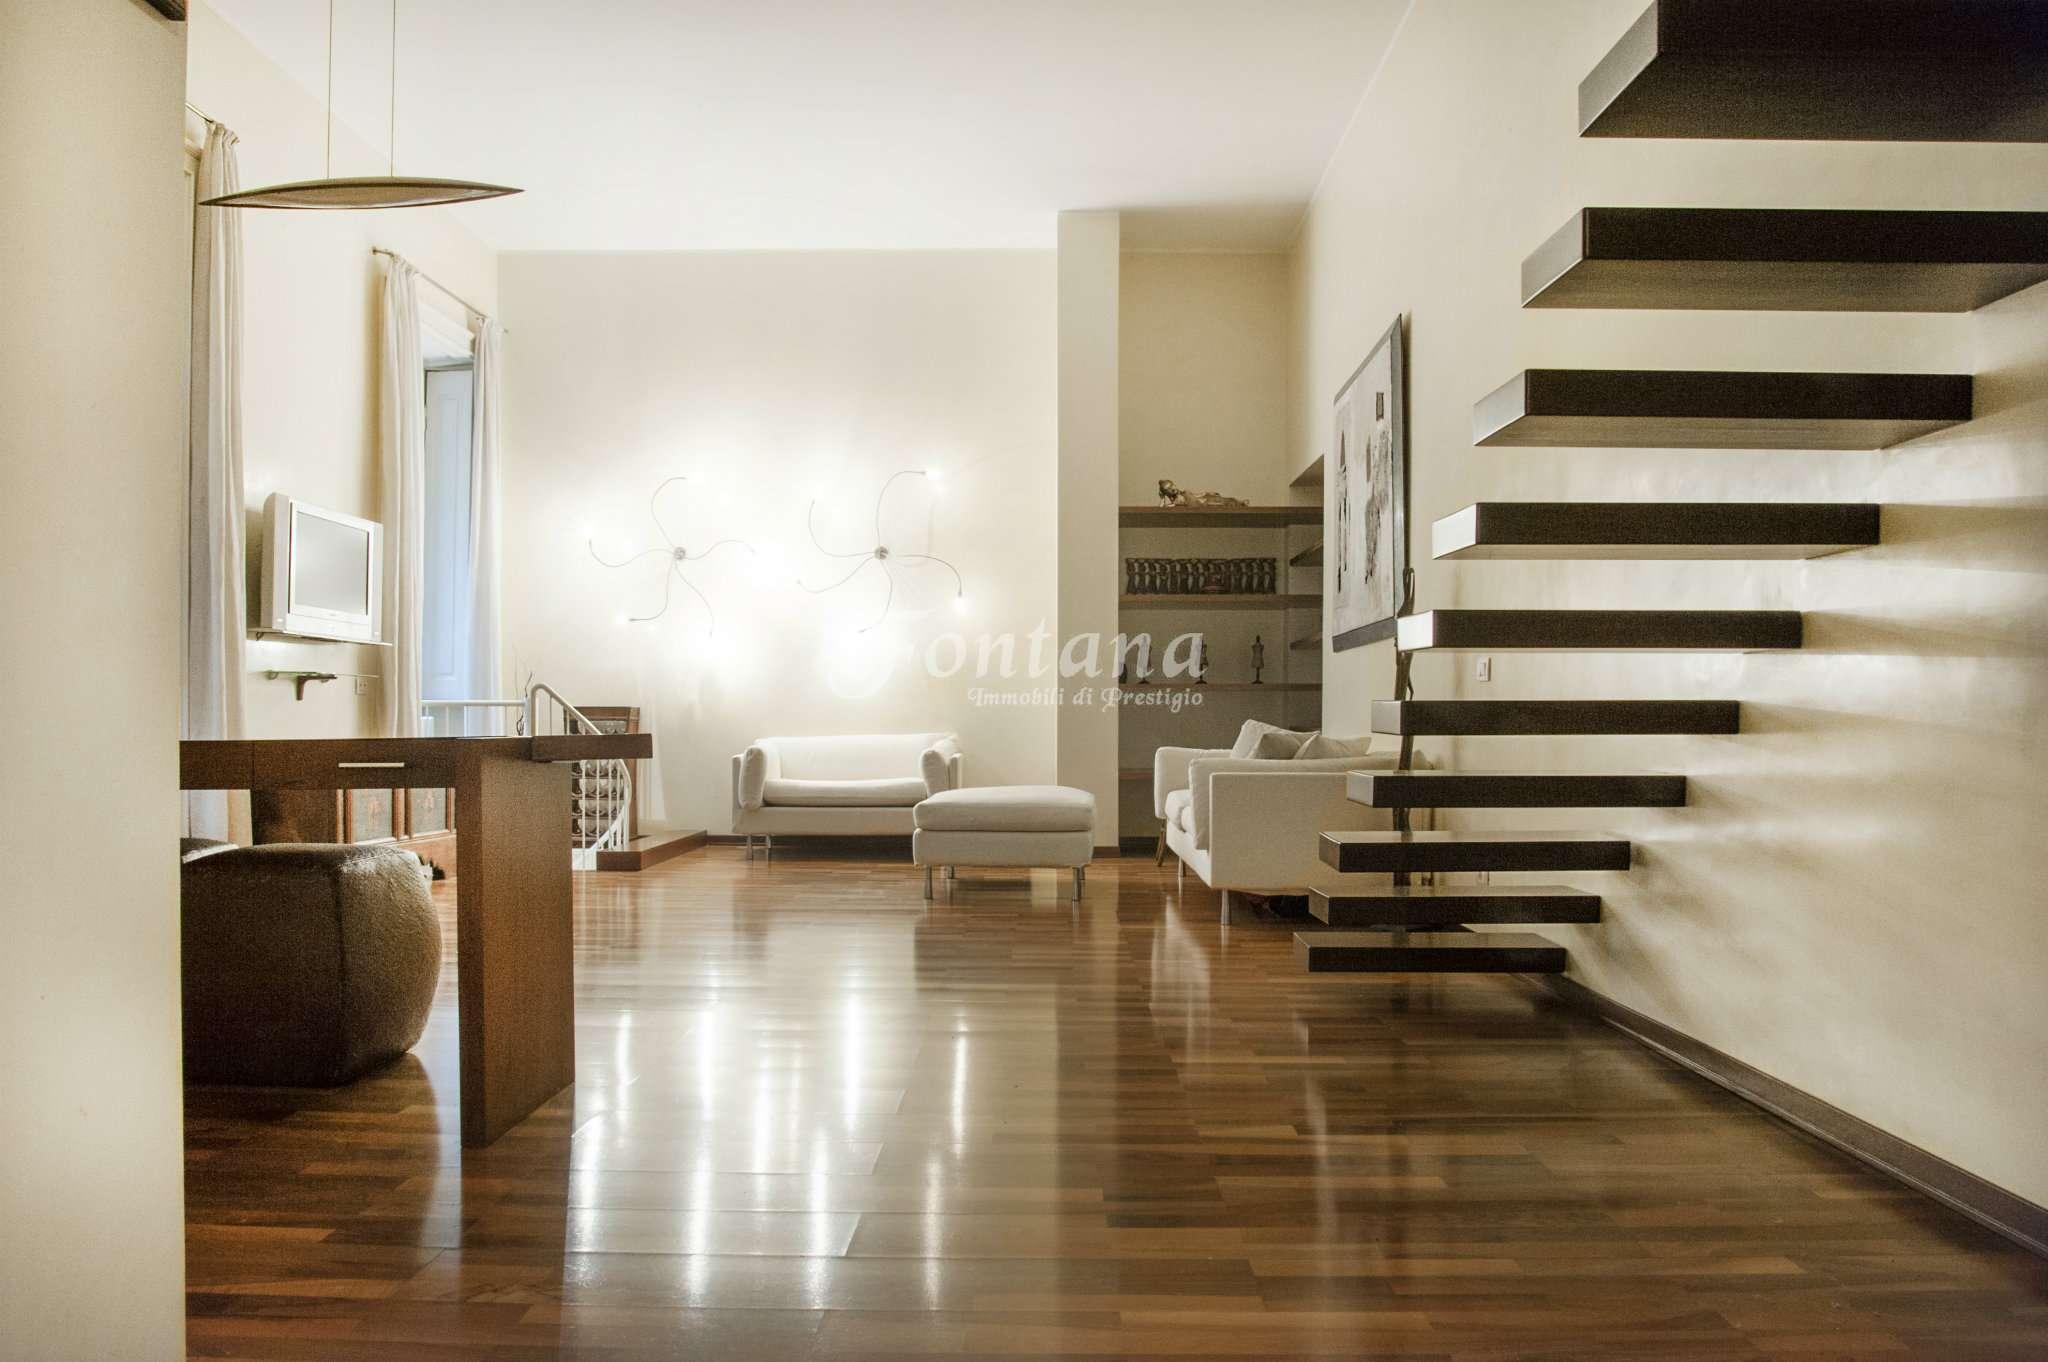 Appartamento in affitto a Milano, 2 locali, zona Zona: 1 . Centro Storico, Duomo, Brera, Cadorna, Cattolica, prezzo € 1.600 | Cambio Casa.it